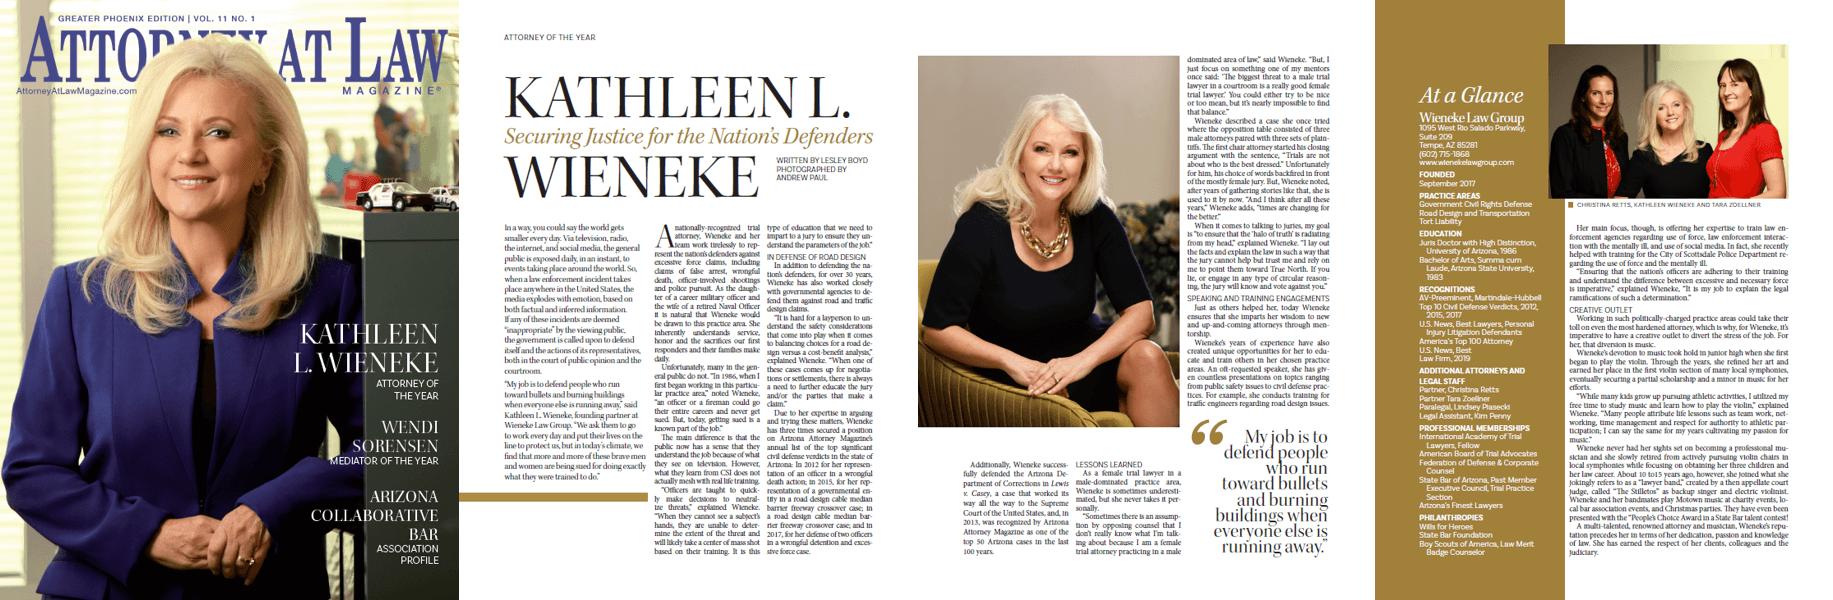 Kathleen Wieneke